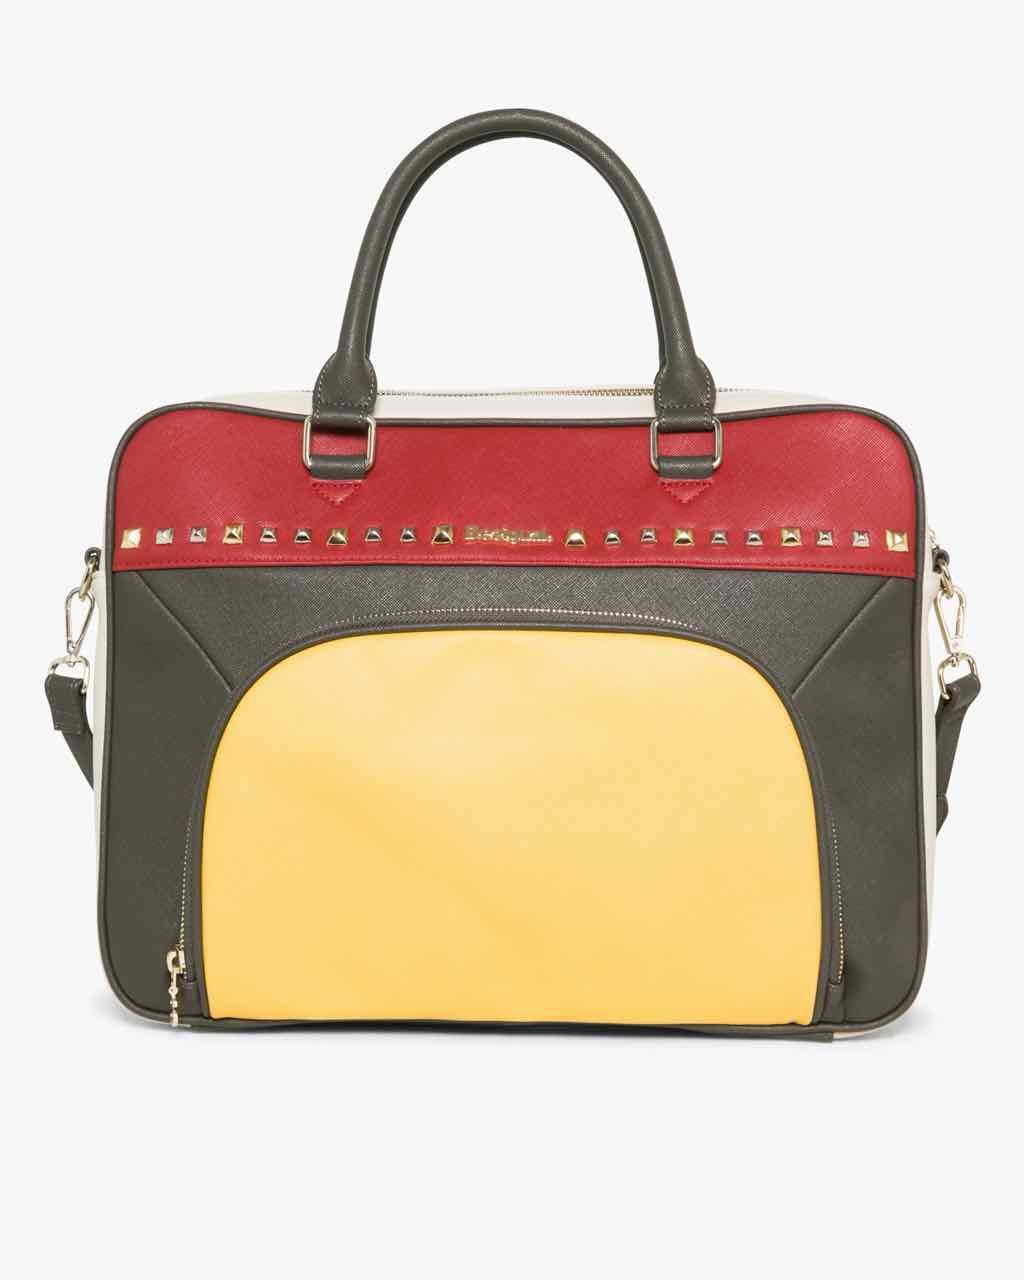 17WAXPA9_3000 Desigual Bag Yale Tricolor Carmin Buy Online